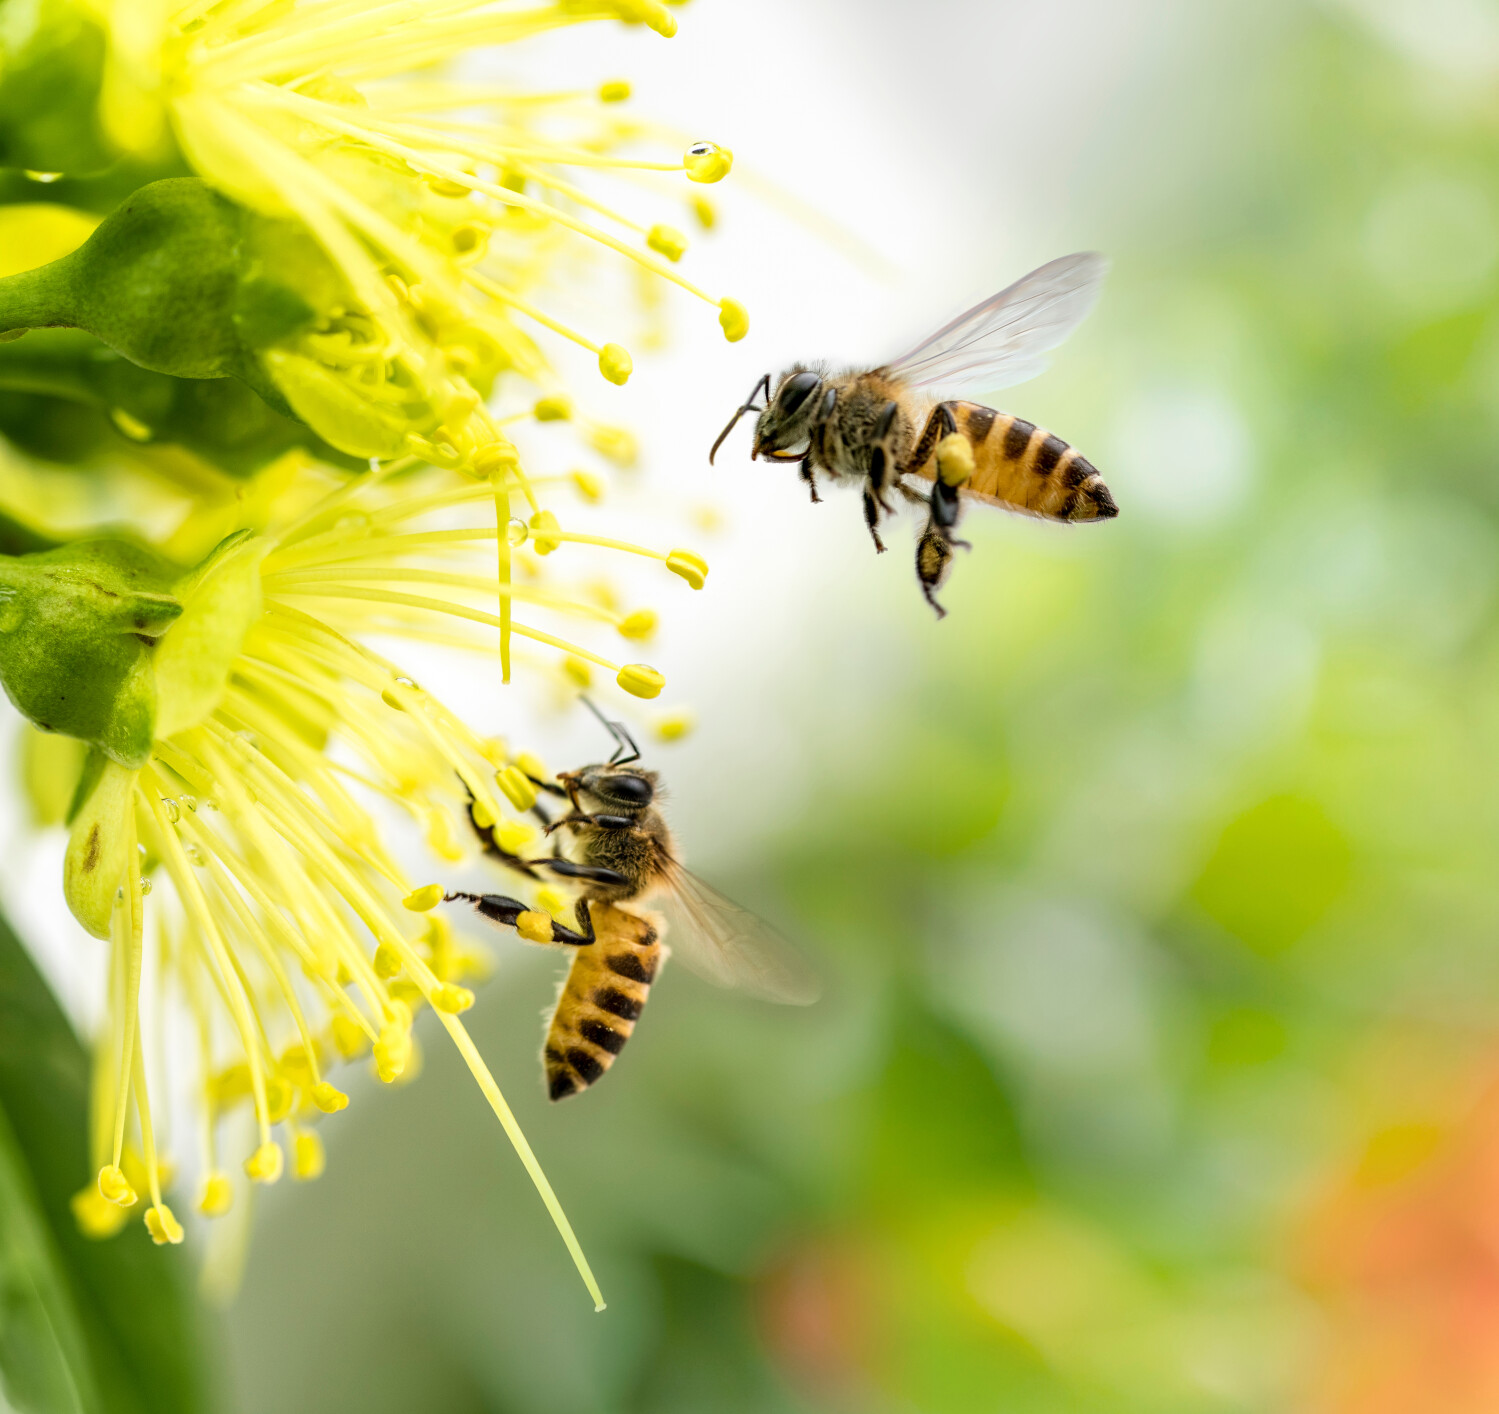 Werken in de tuin, tuinklussen, tuinonderhoud maart, tuinplanning in maart, tuin lenteklaar maken